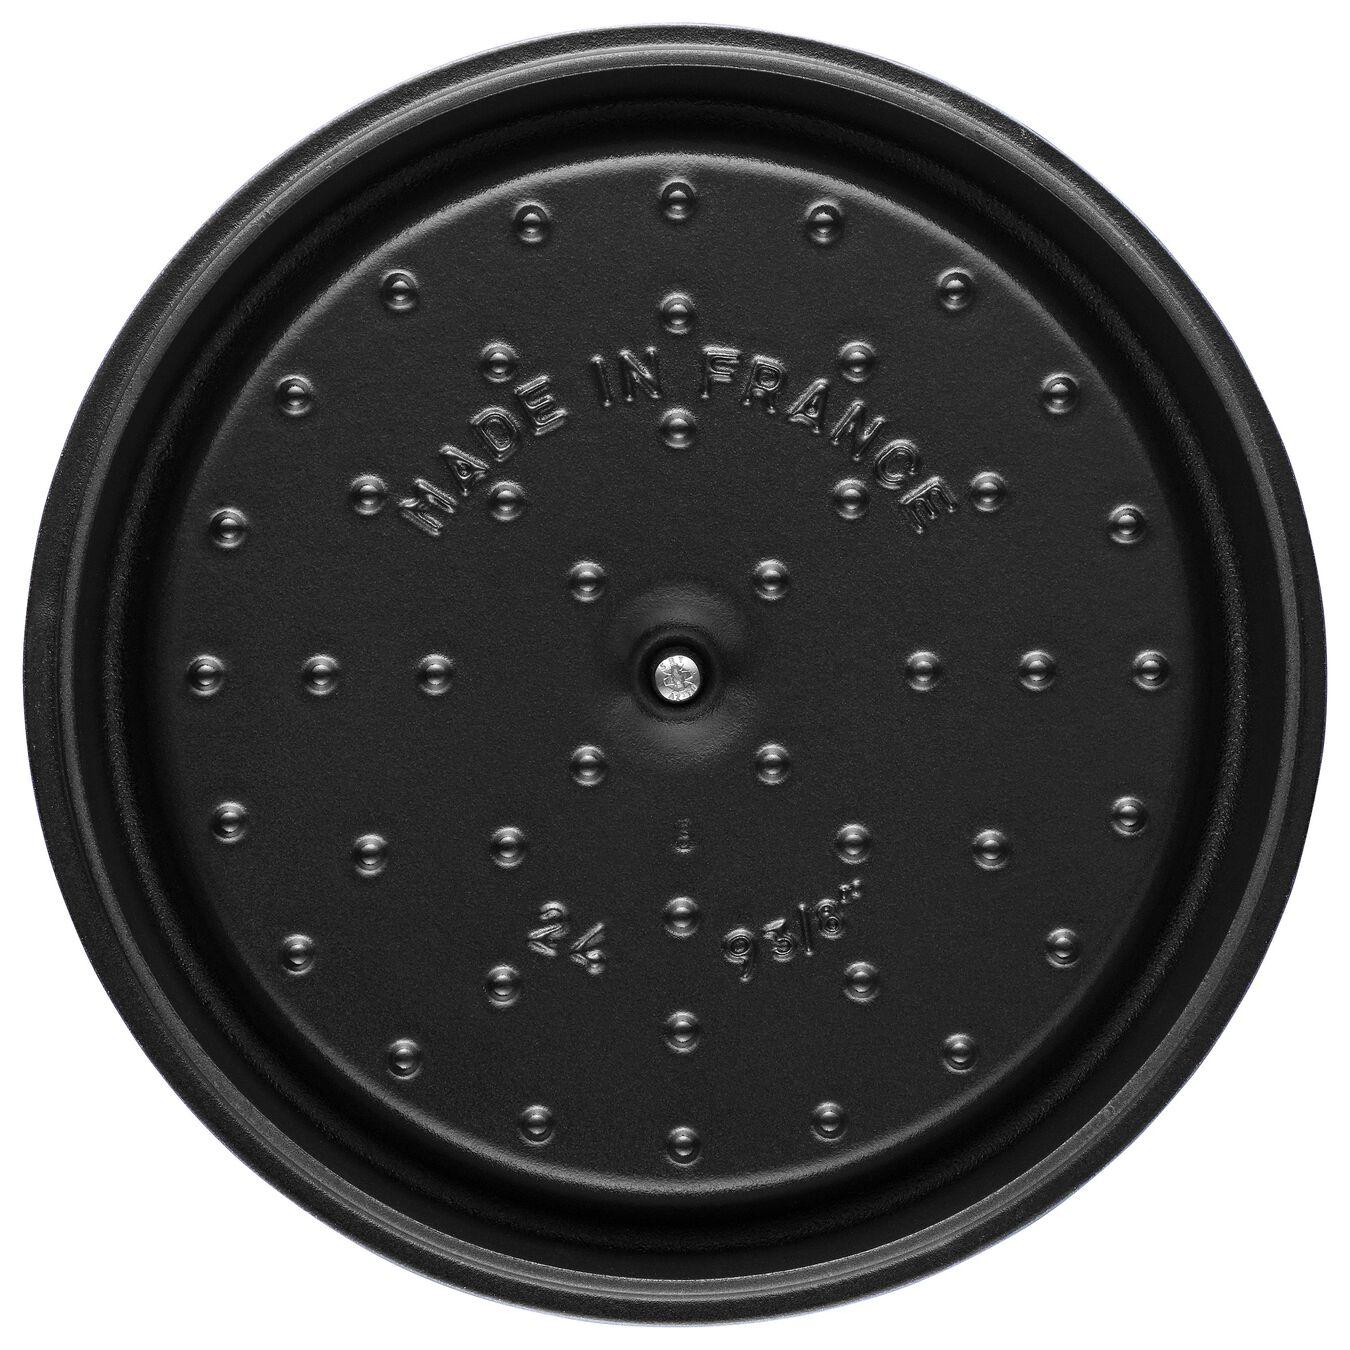 Cocotte 24 cm, Rond(e), Noir, Fonte,,large 6